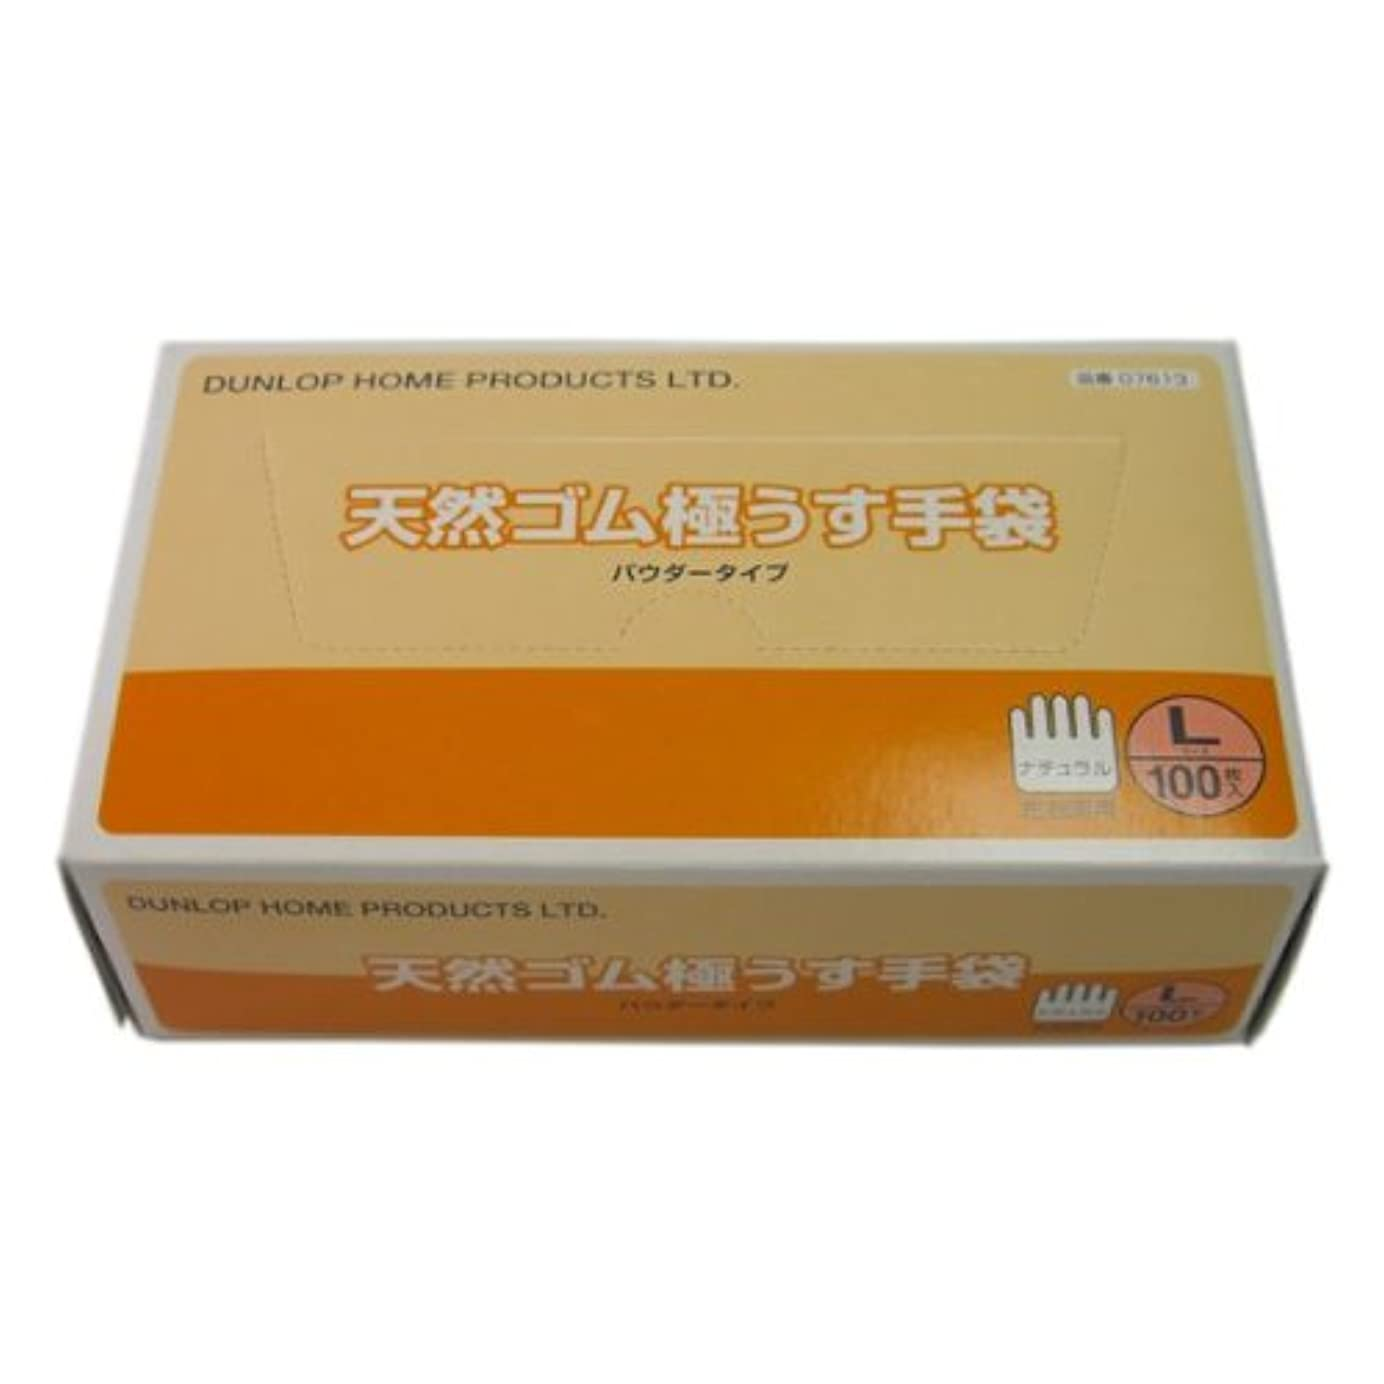 ダンロップ 天然ゴムラテックス極うす手袋 Lサイズ 100枚入×20箱